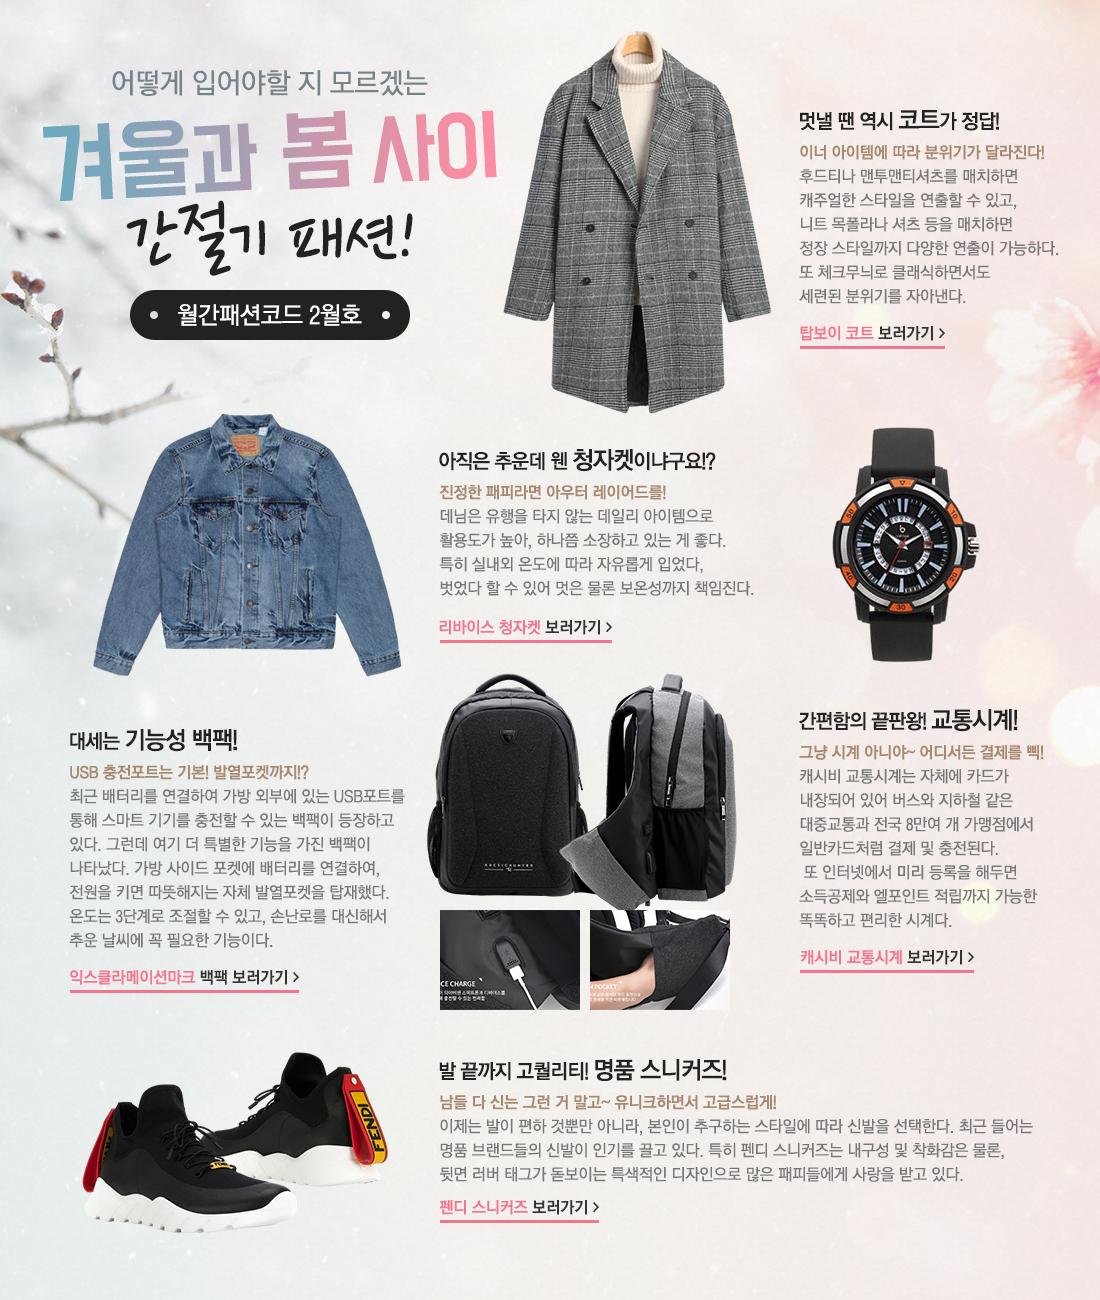 어떻게 입어야할 지 모르겠는 겨울과 봄사이 간절기 패션!